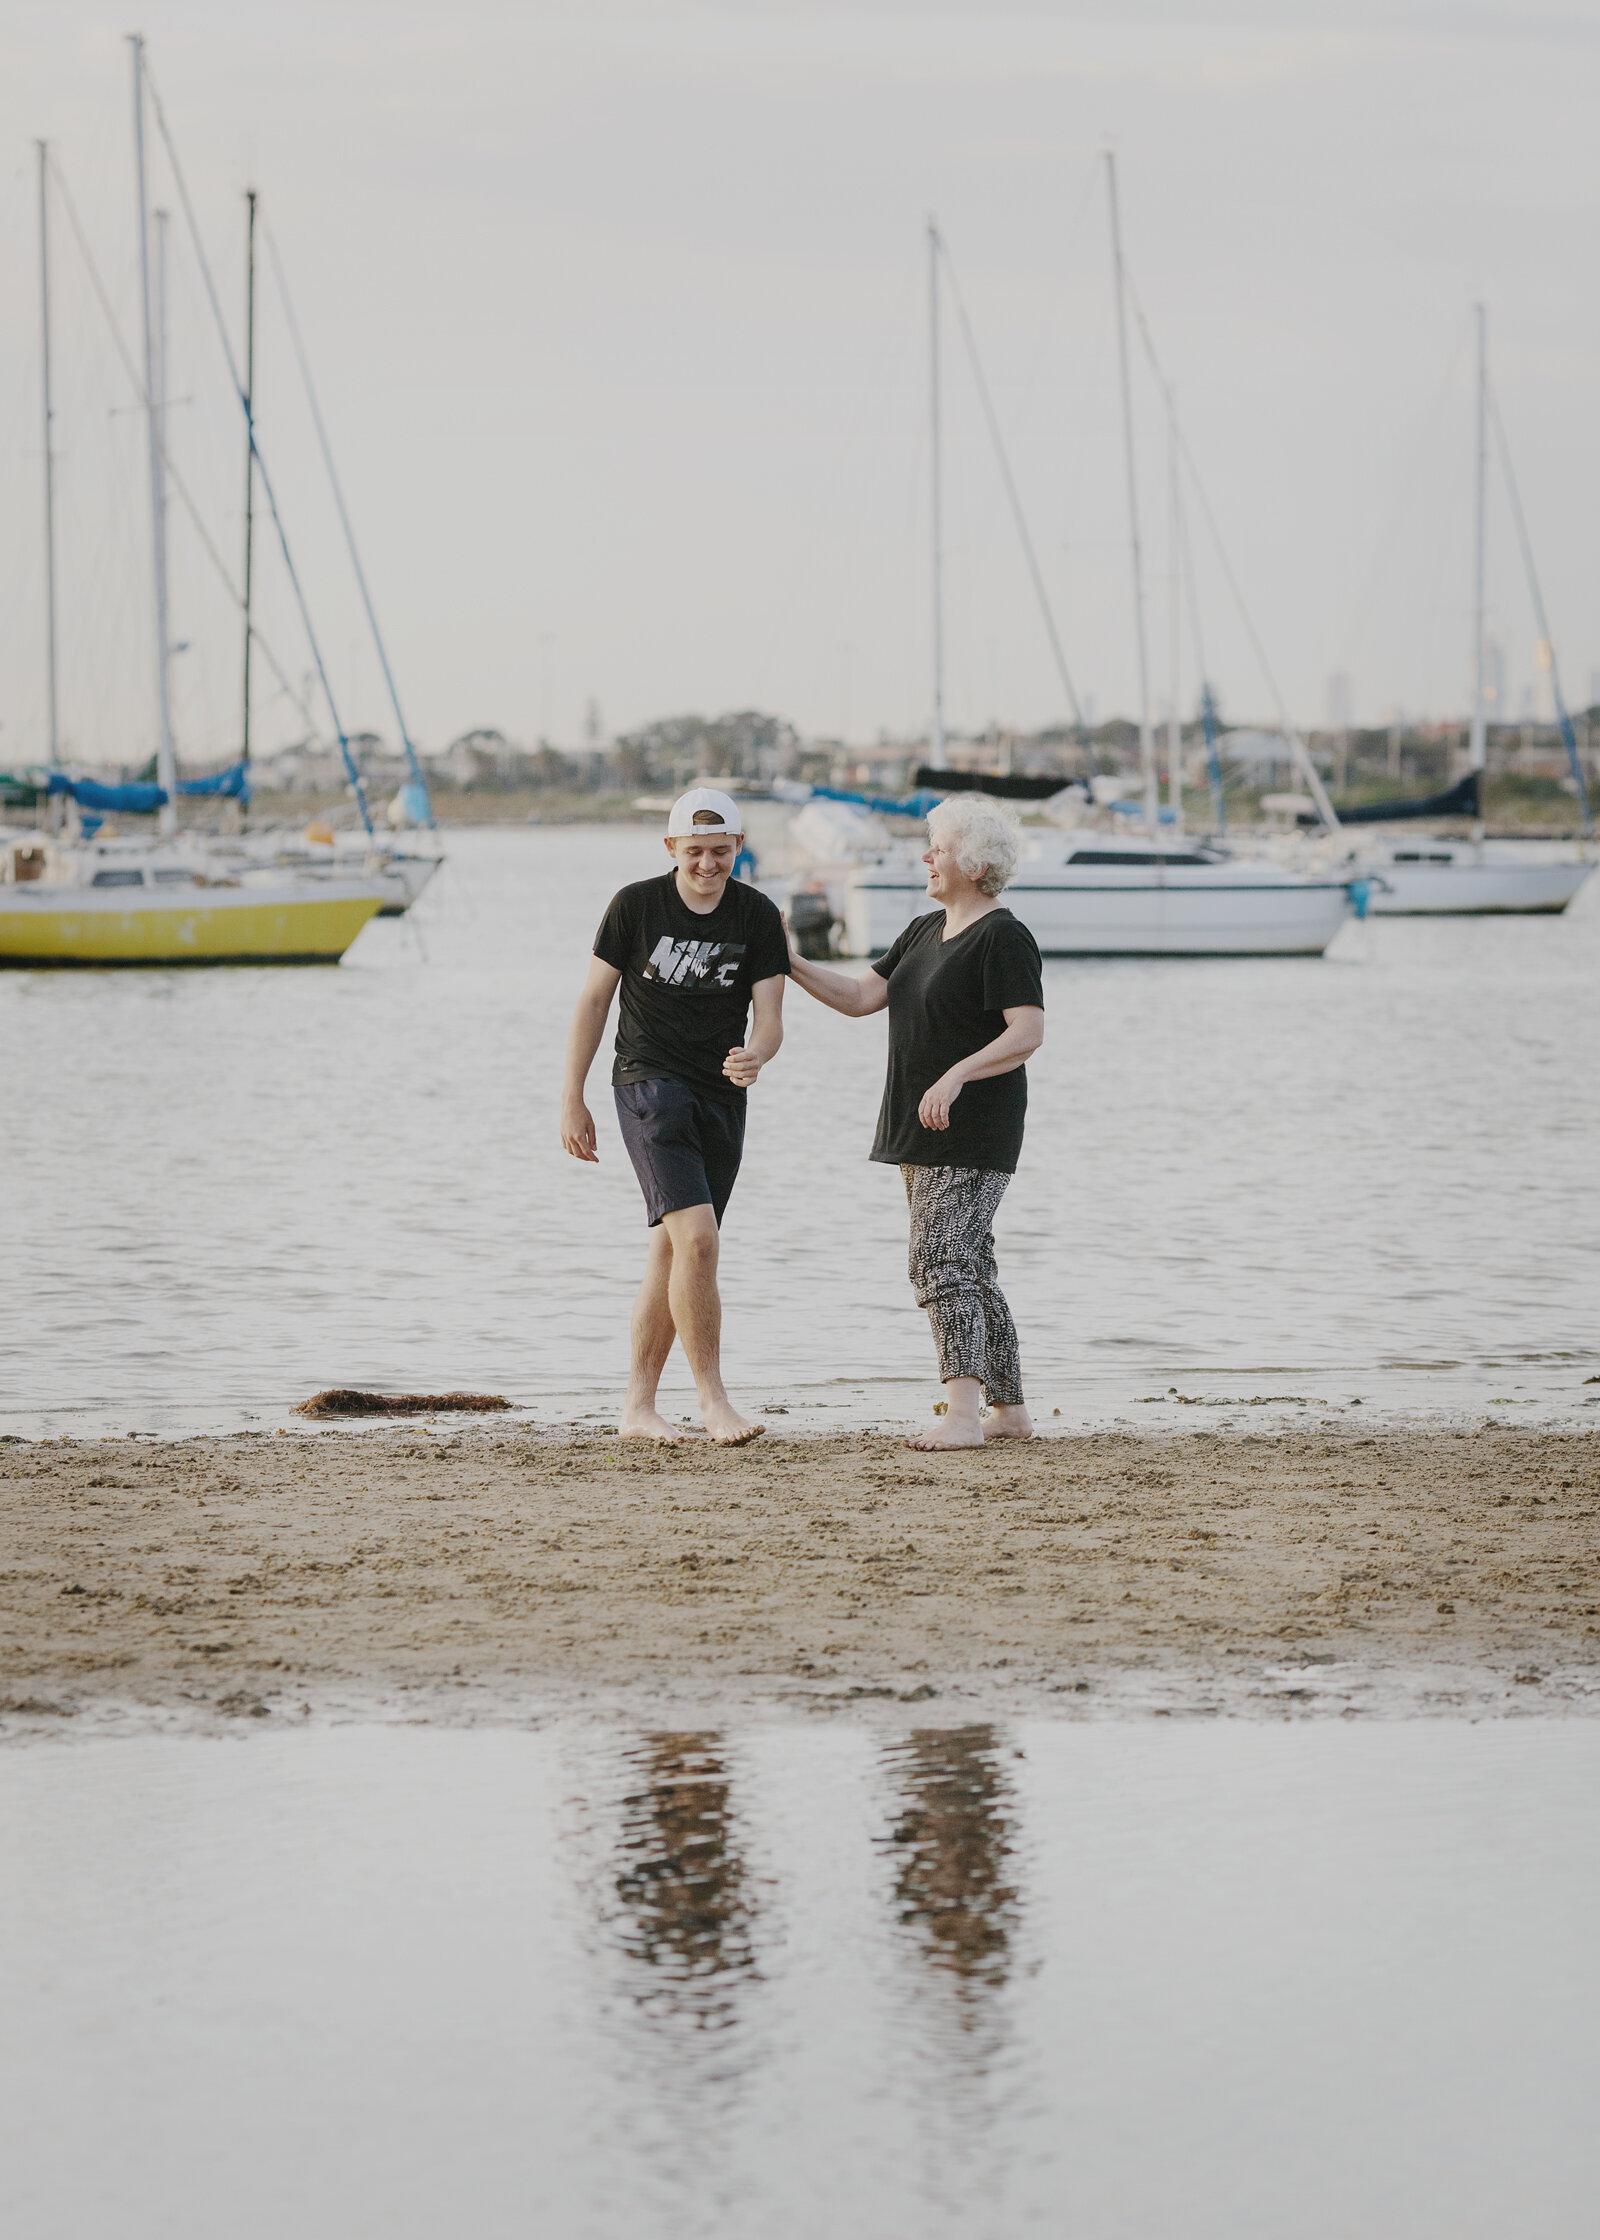 Family Photo Shoot at the beach